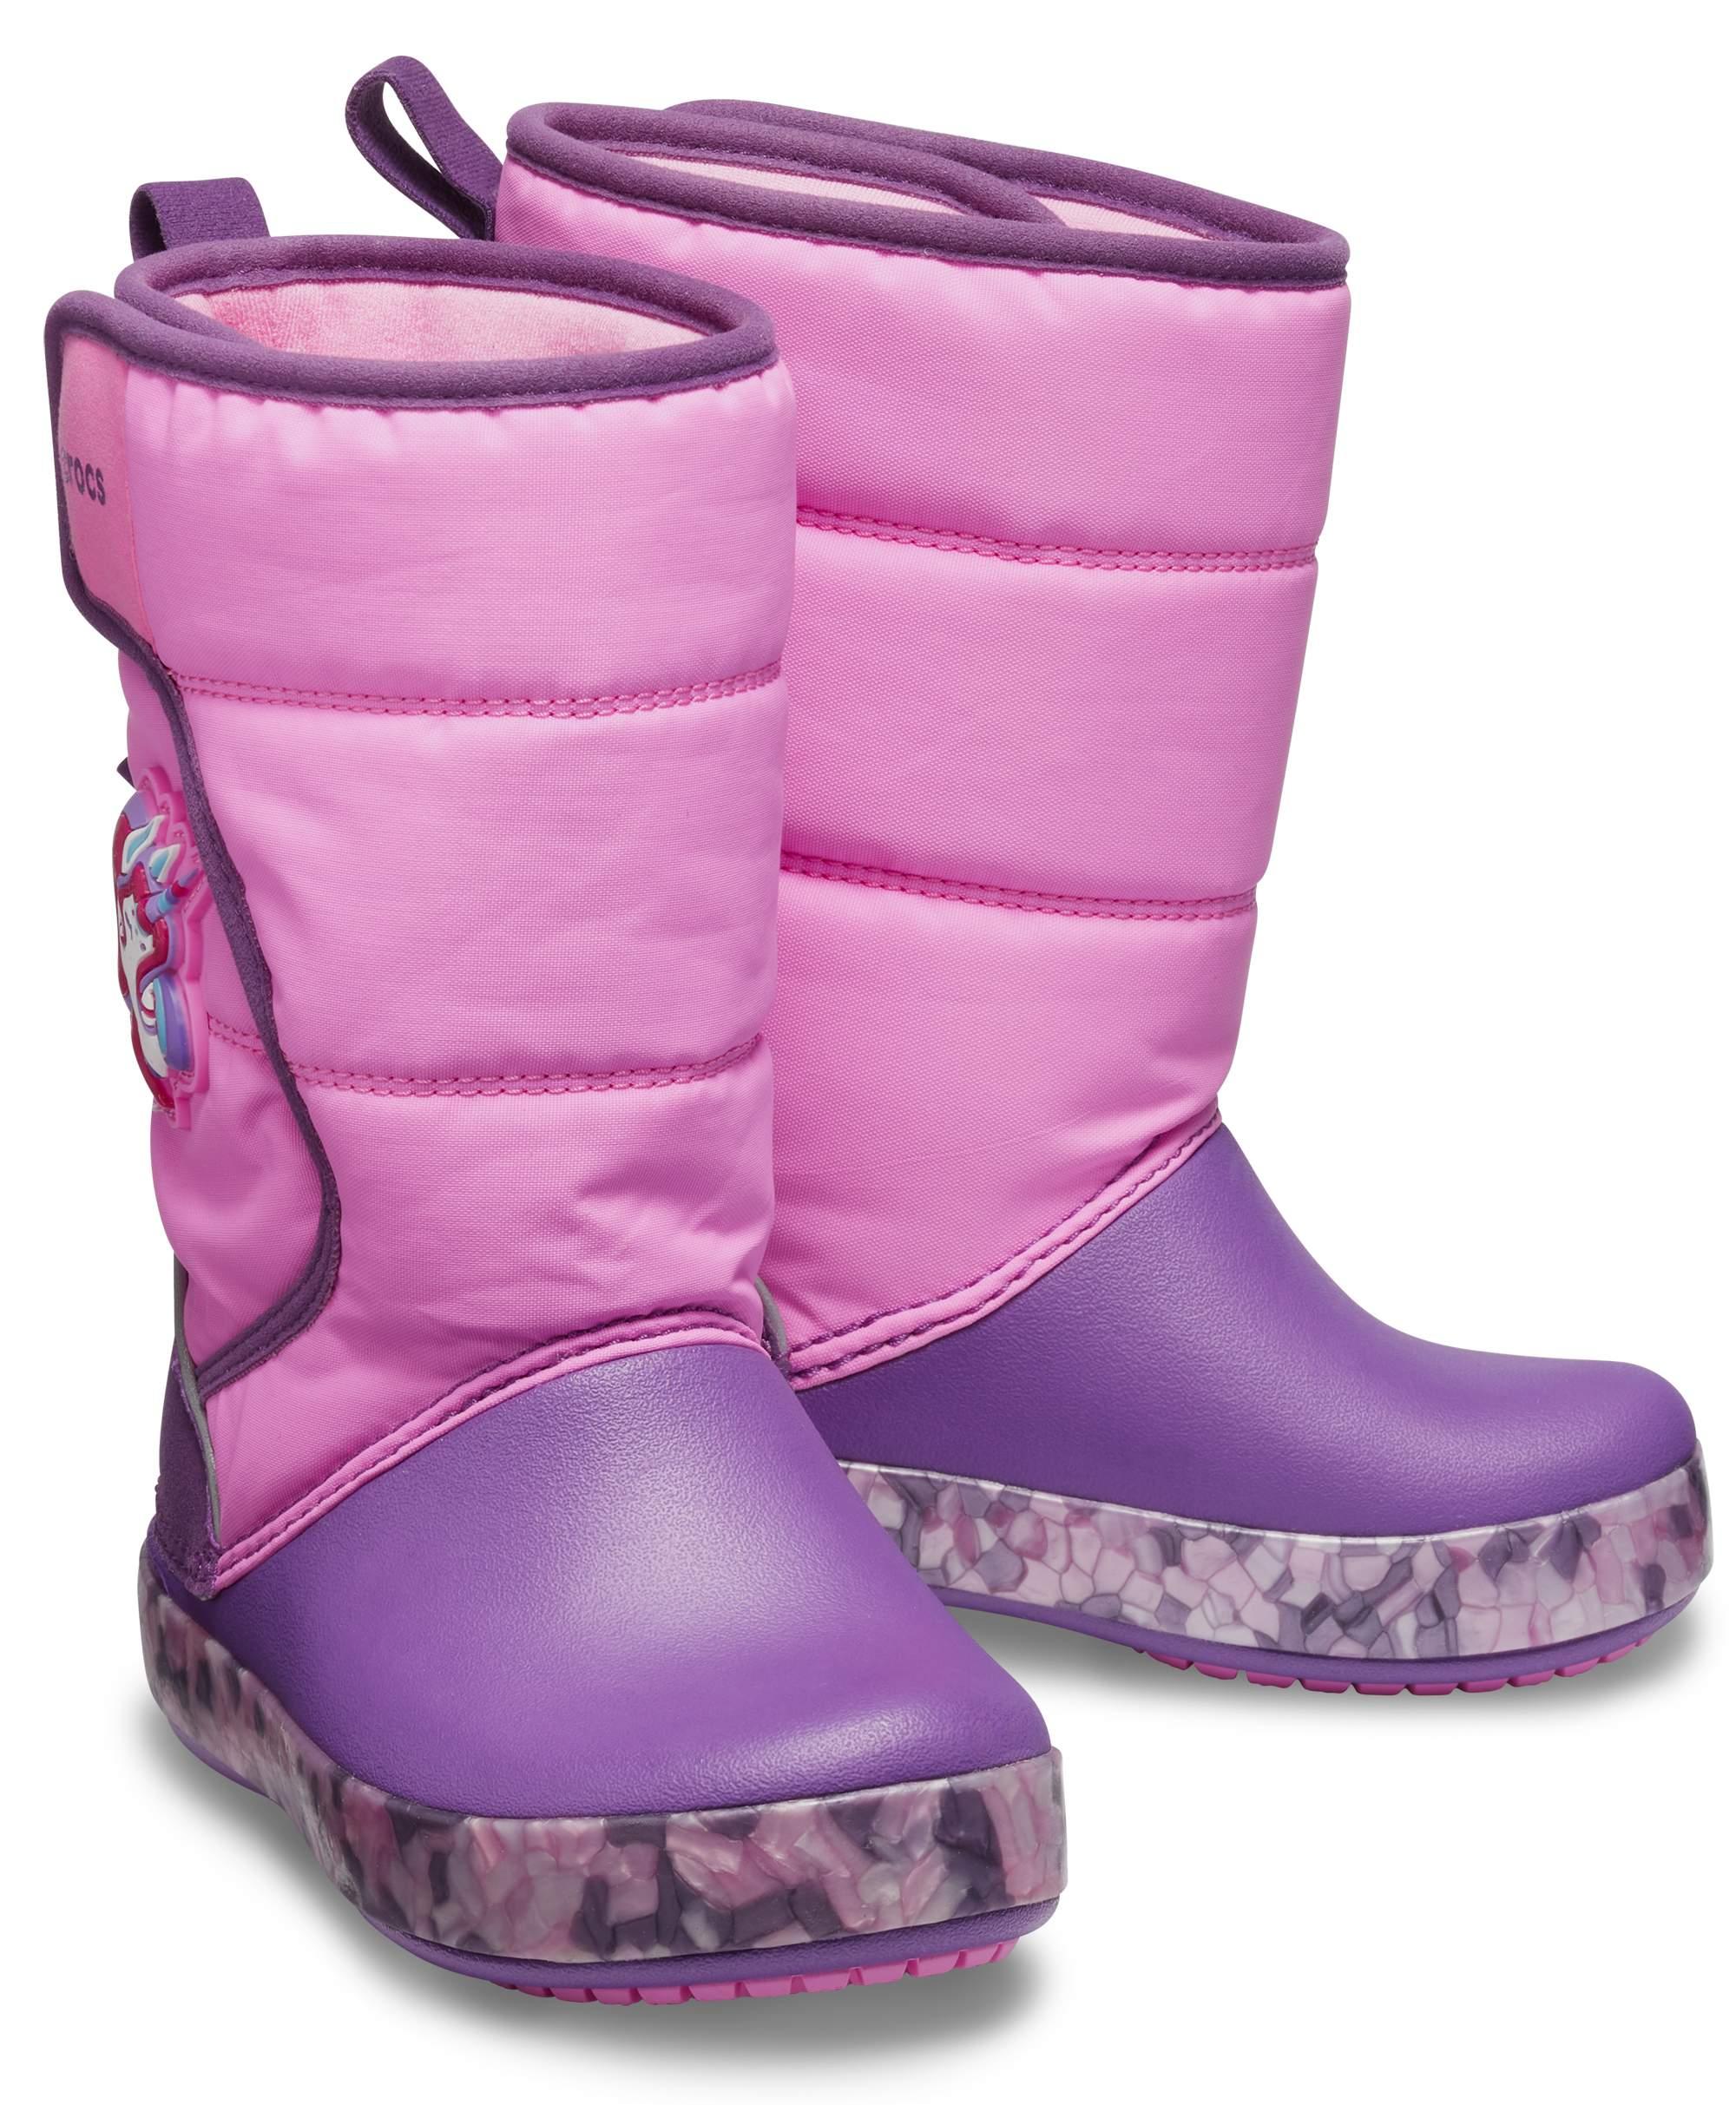 【クロックス公式】 クロックス ファン ラブ ユニコーン ライツ ブーツ キッズ Kids' Crocs Fun Lab Unicorn Lights Boot ユニセックス、キッズ、子供用、男の子、女の子、男女兼用 ピンク/ピンク 14cm,15cm,15.5cm,16.5cm,17.5cm,18cm,18.5cm,19cm,19.5cm,20cm,21cm boot ブーツ